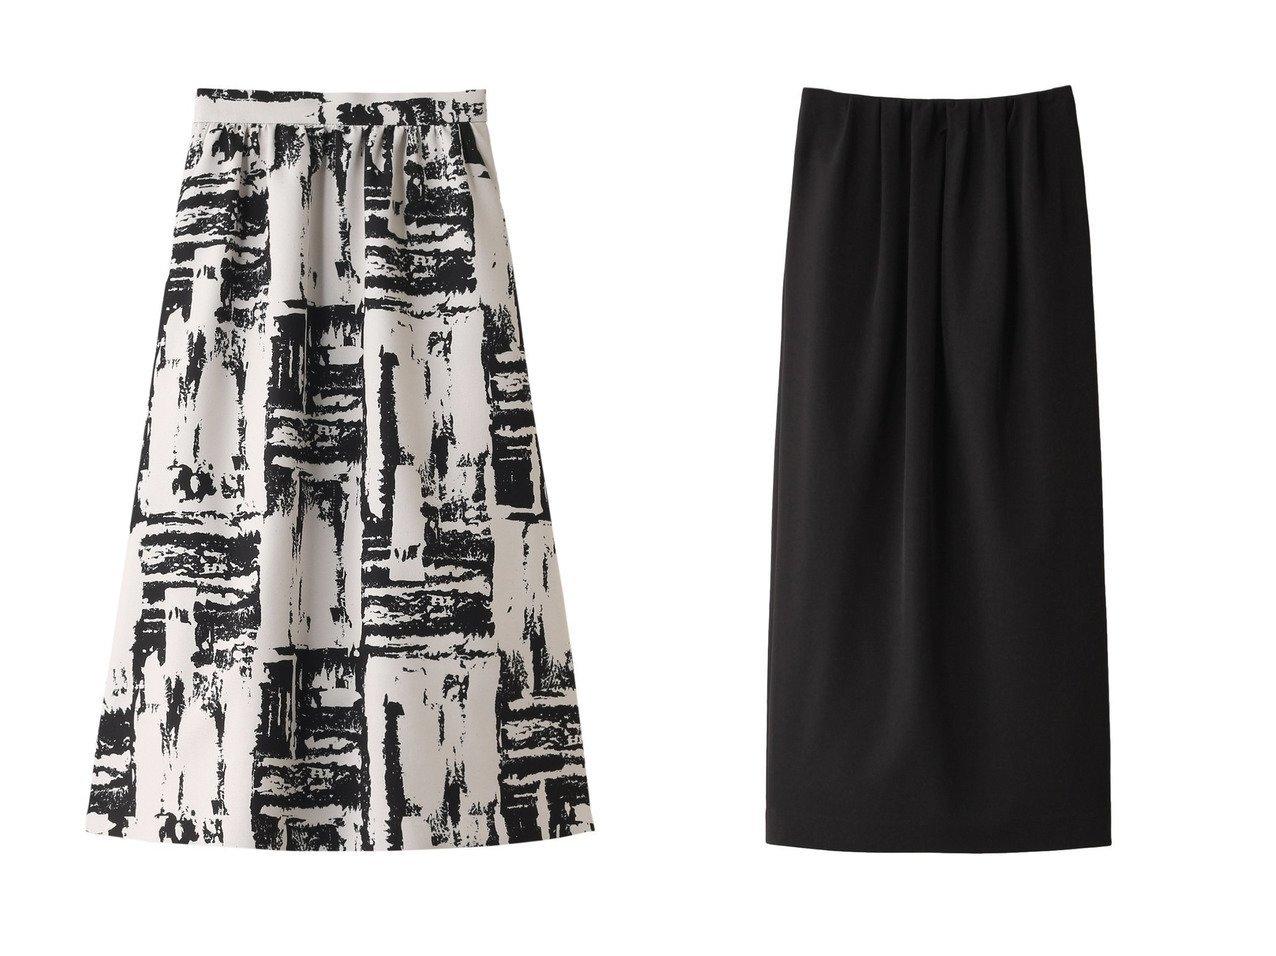 【allureville/アルアバイル】のアートプリントボンディングスカート&【CLANE/クラネ】のスカート スカートのおすすめ!人気、レディースファッションの通販 おすすめファッション通販アイテム インテリア・キッズ・メンズ・レディースファッション・服の通販 founy(ファニー) ファッション Fashion レディース WOMEN スカート Skirt ロングスカート Long Skirt パーティ プリント ボンディング モノトーン ロング ギャザー トレンド バランス 今季 ブラック系 Black ベージュ系 Beige |ID:crp329100000004922